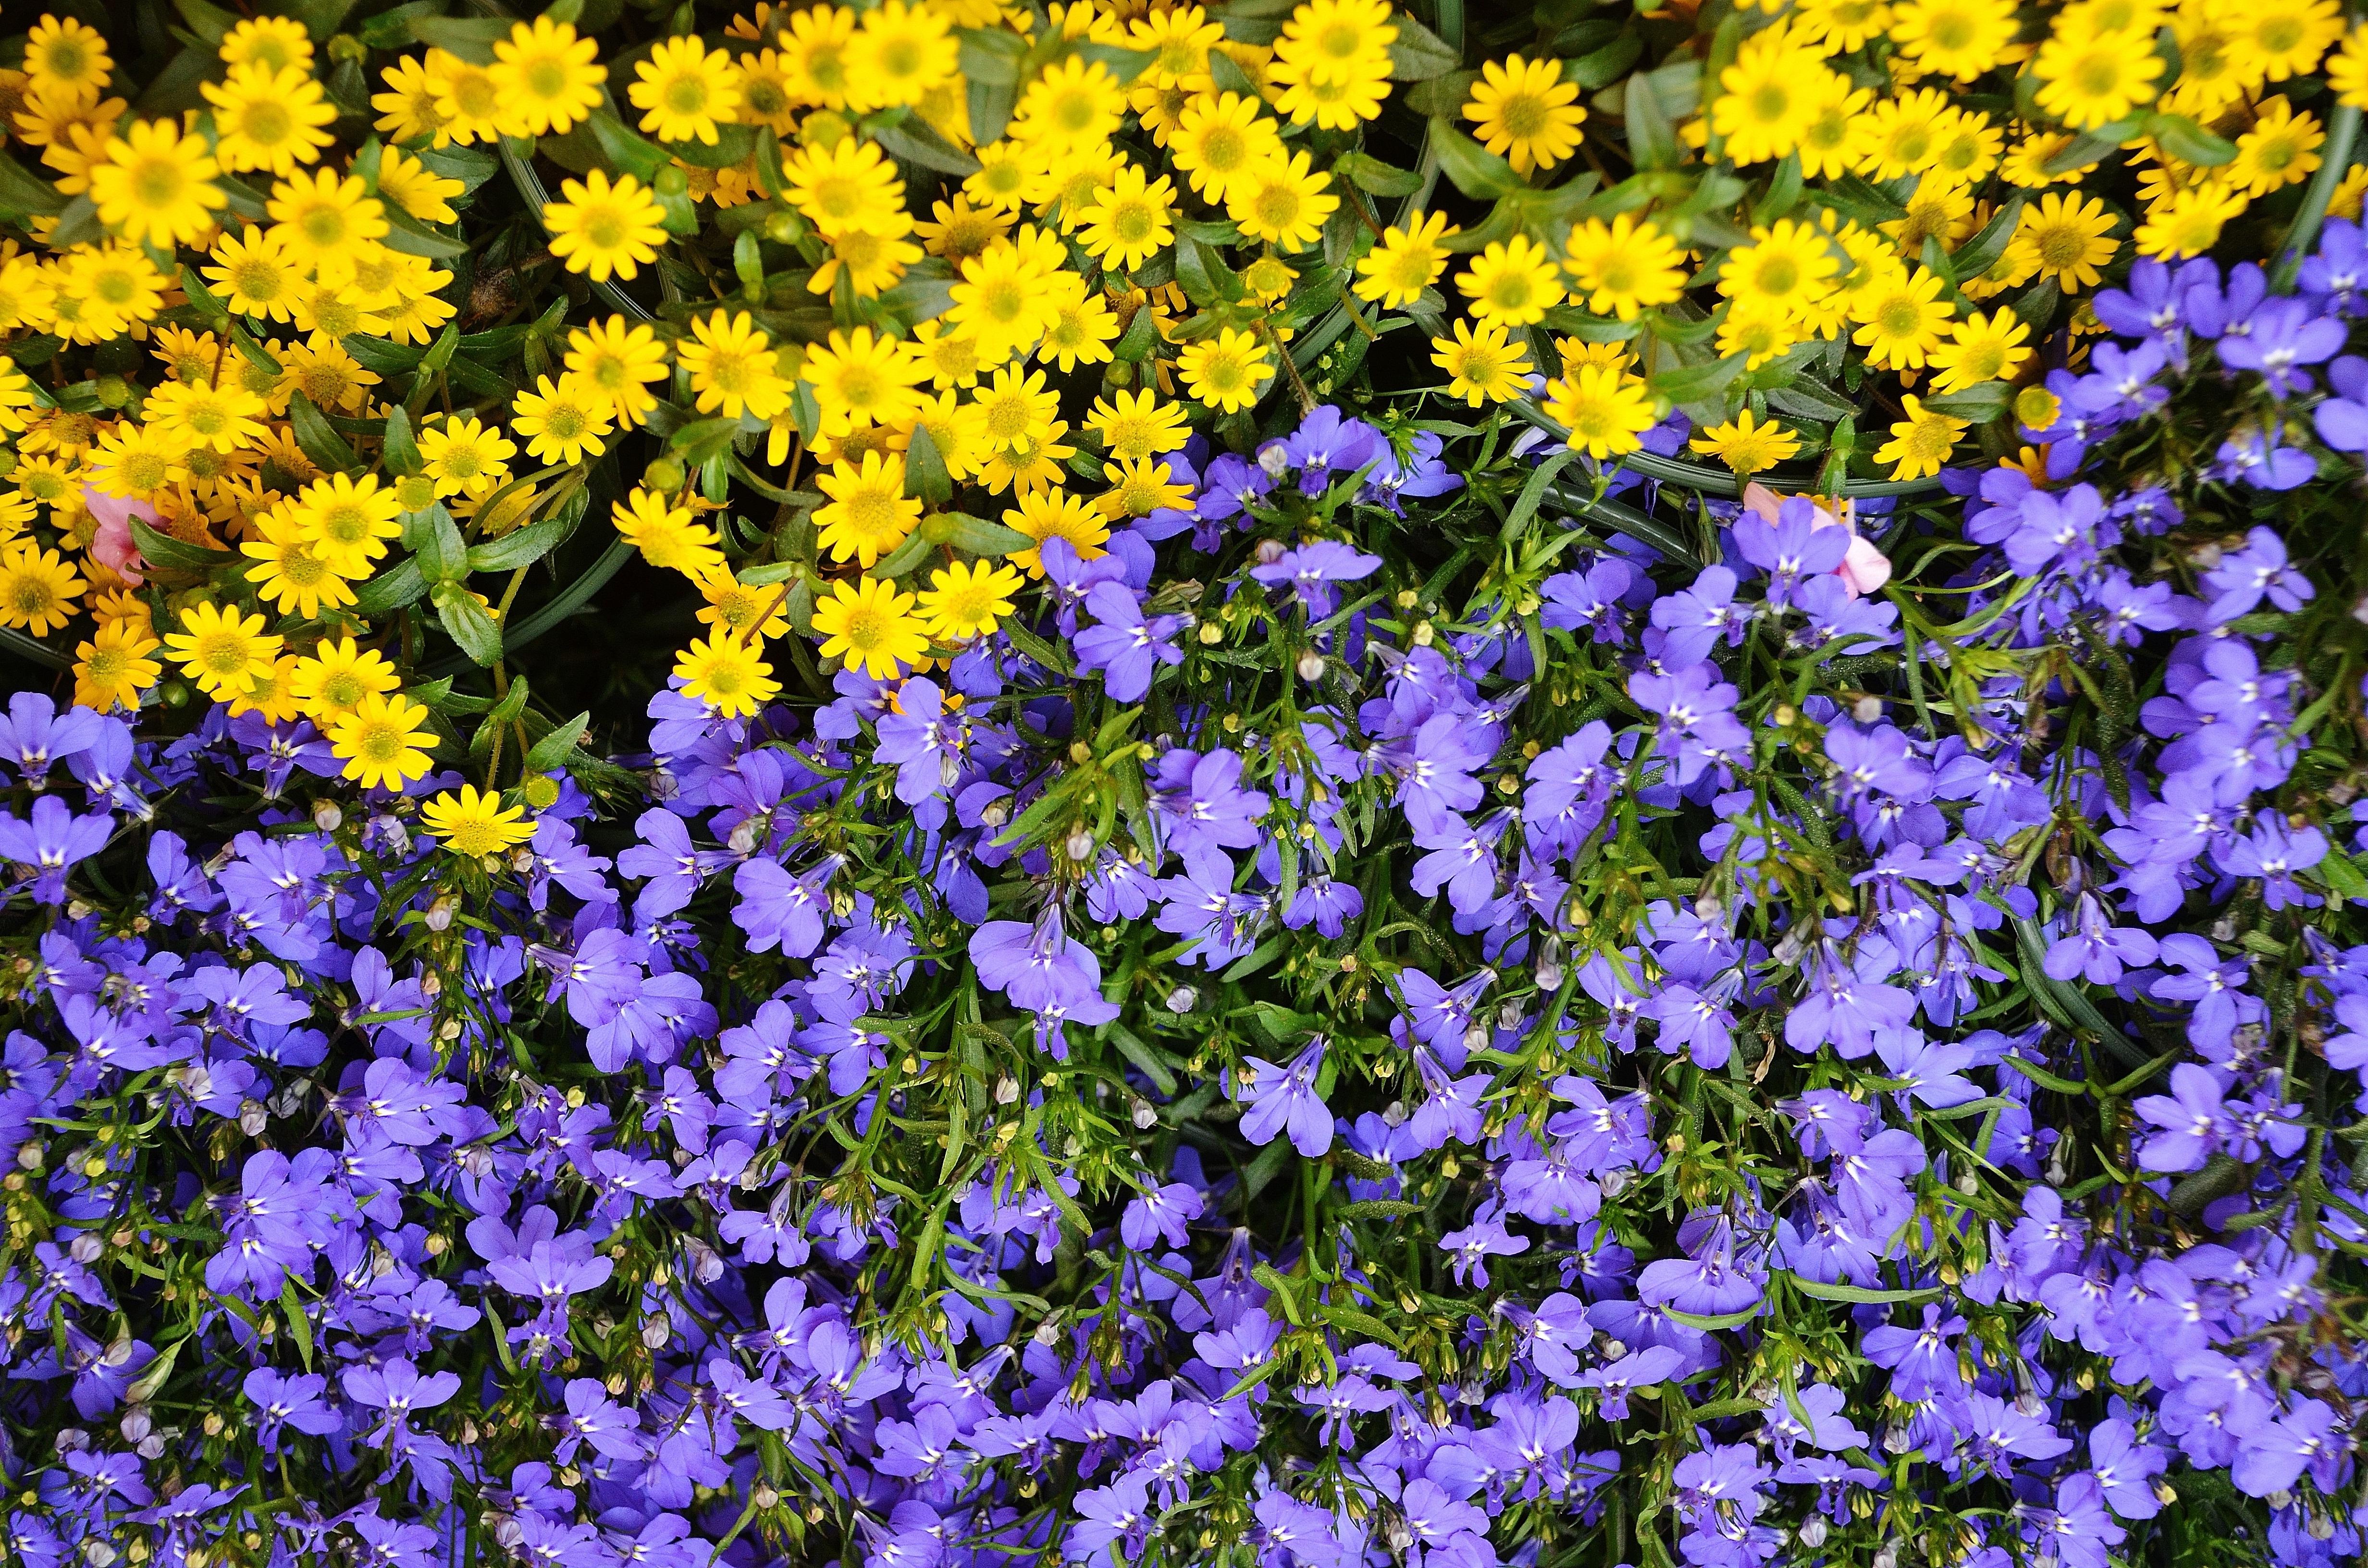 kostenlose foto natur feld wiese blume blau gelb flora wildblume blumen bl hende. Black Bedroom Furniture Sets. Home Design Ideas